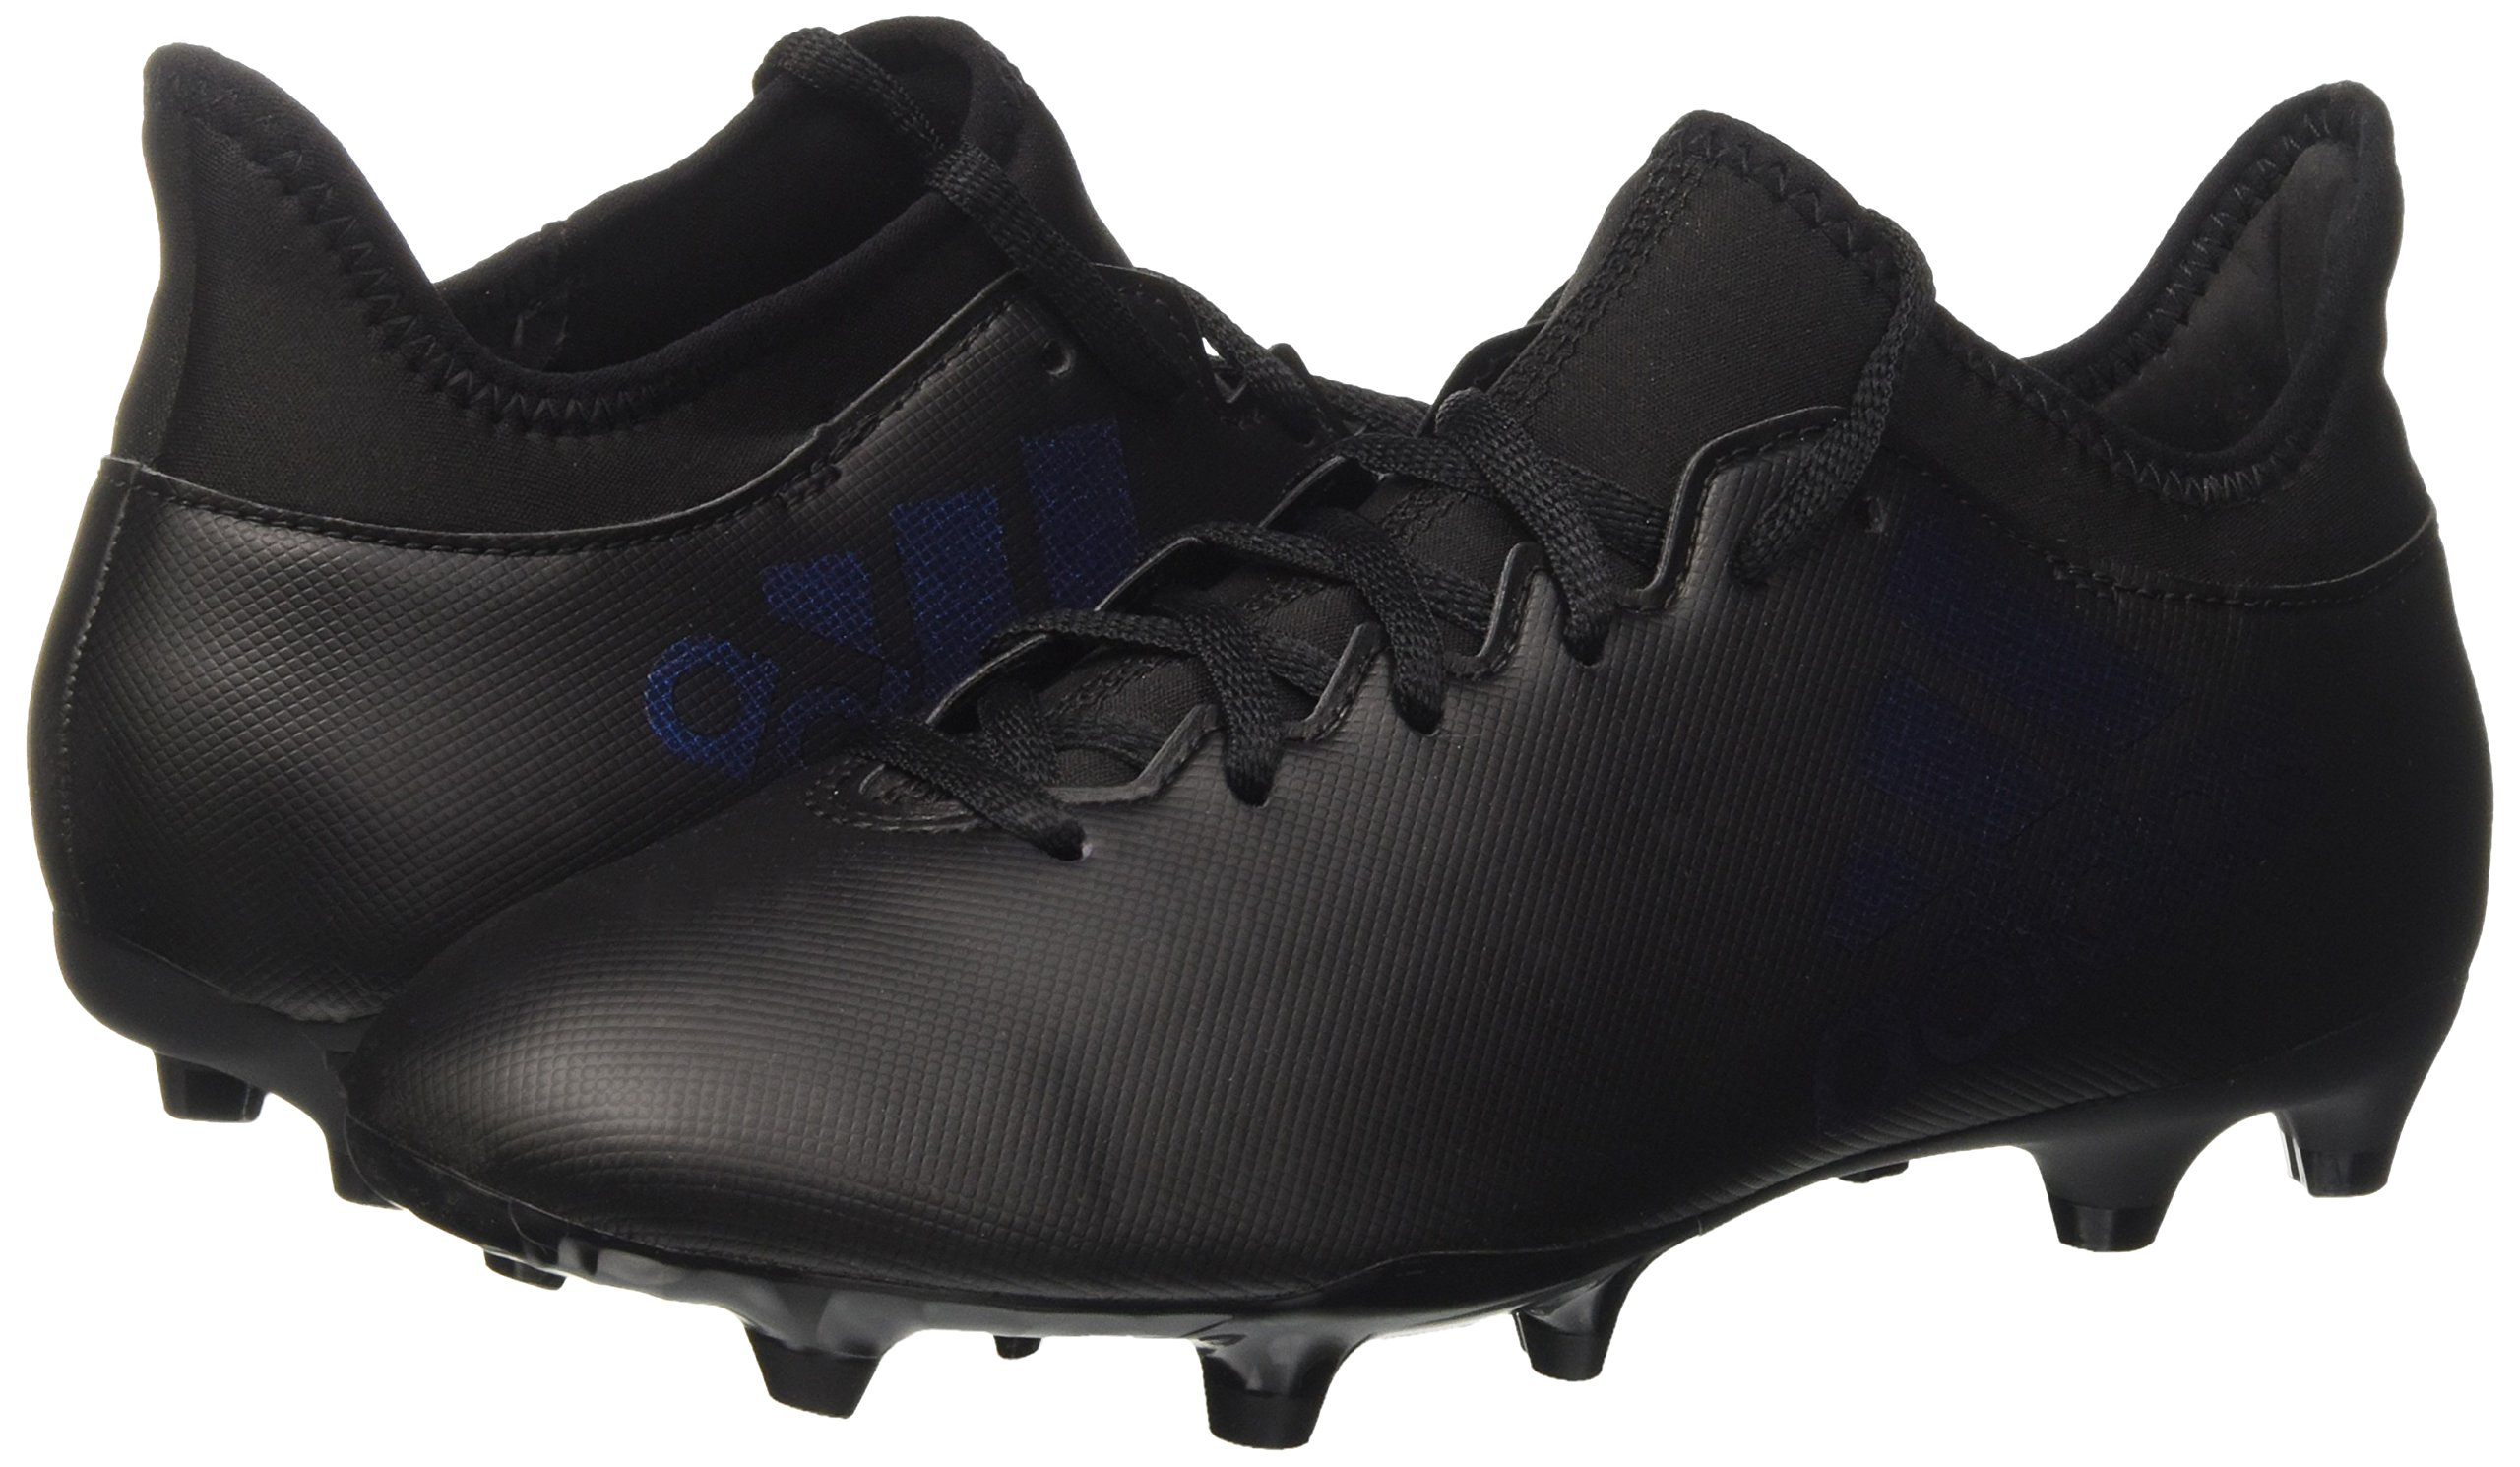 Adidas X 73 Fg, Scarpe per Calcio, Uomo 5 spesavip